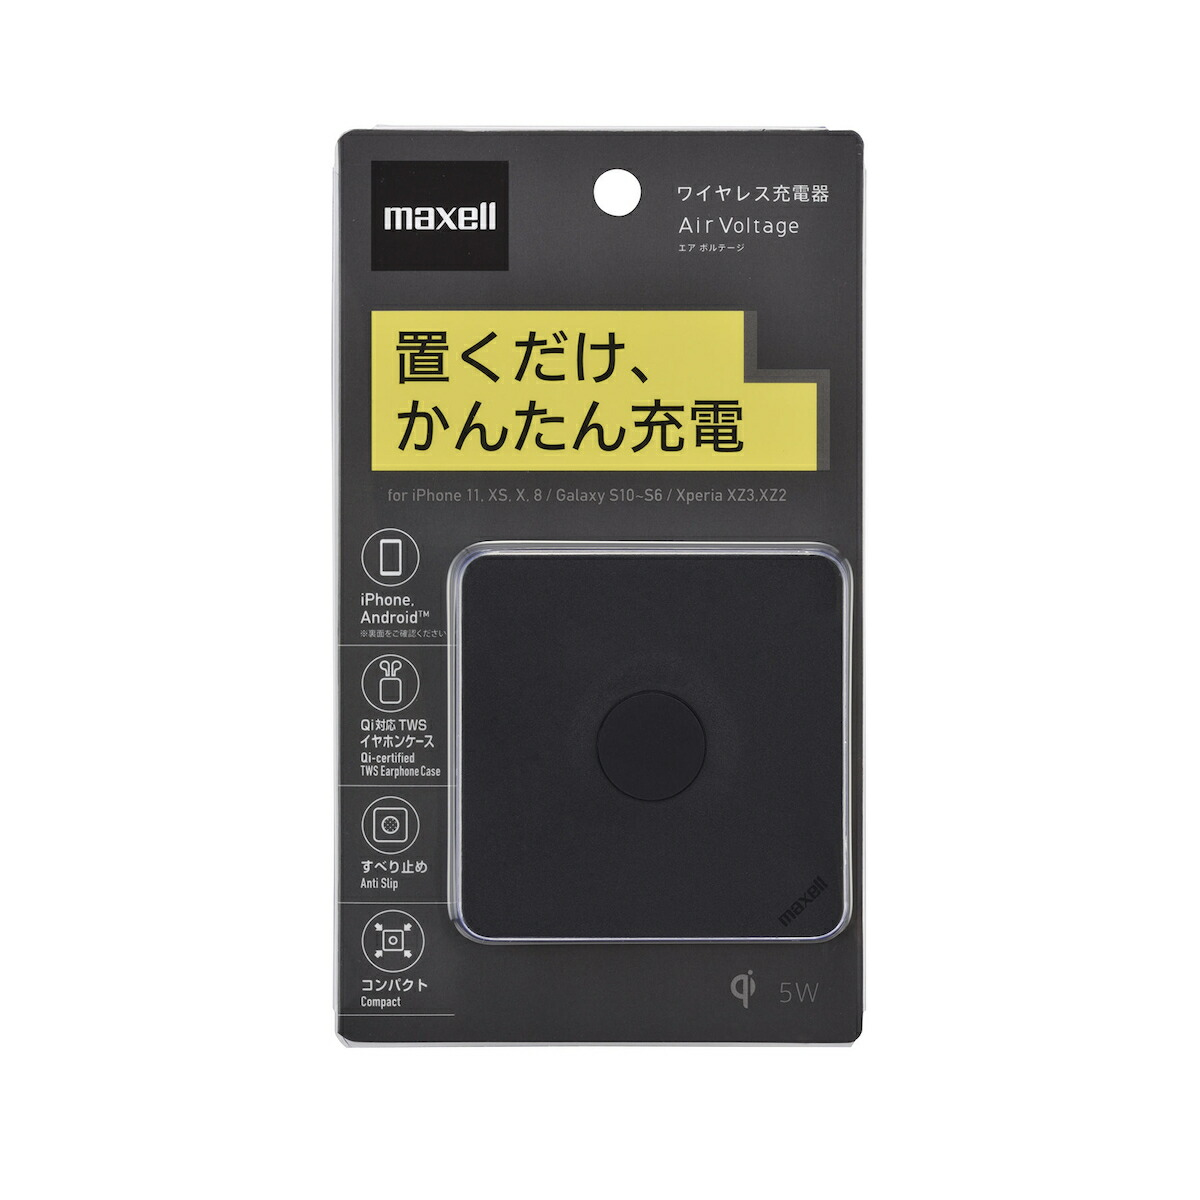 マクセル maxell WP-PD21 Qi(チー)対応 ワイヤレス充電器「Air Voltage(エアボルテージ)」